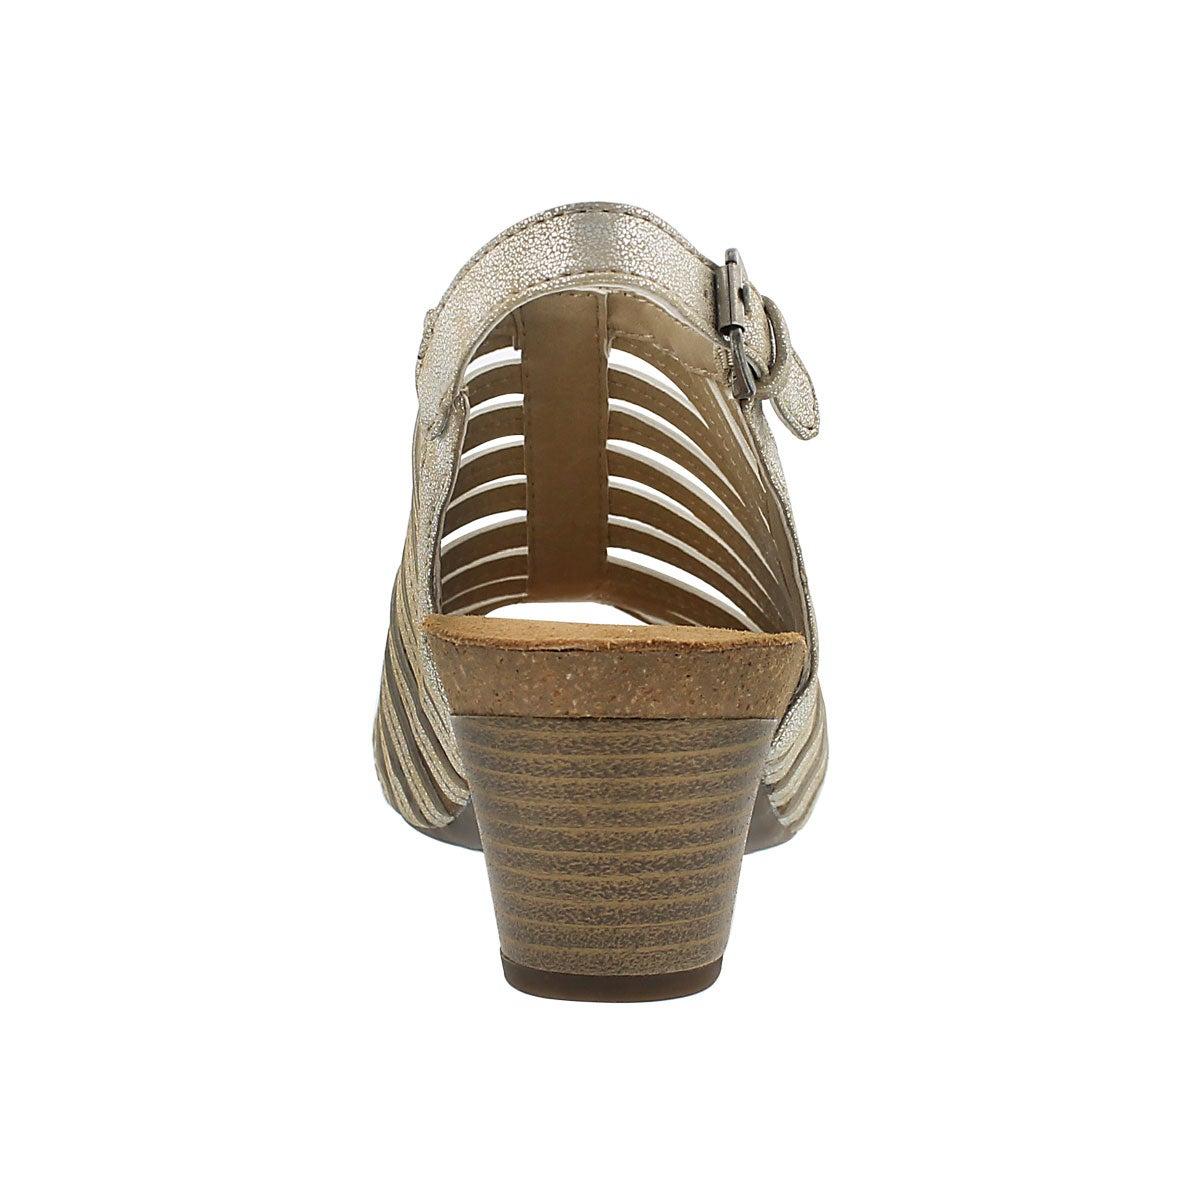 Sandale habillée Ruth 21, naturel, femme